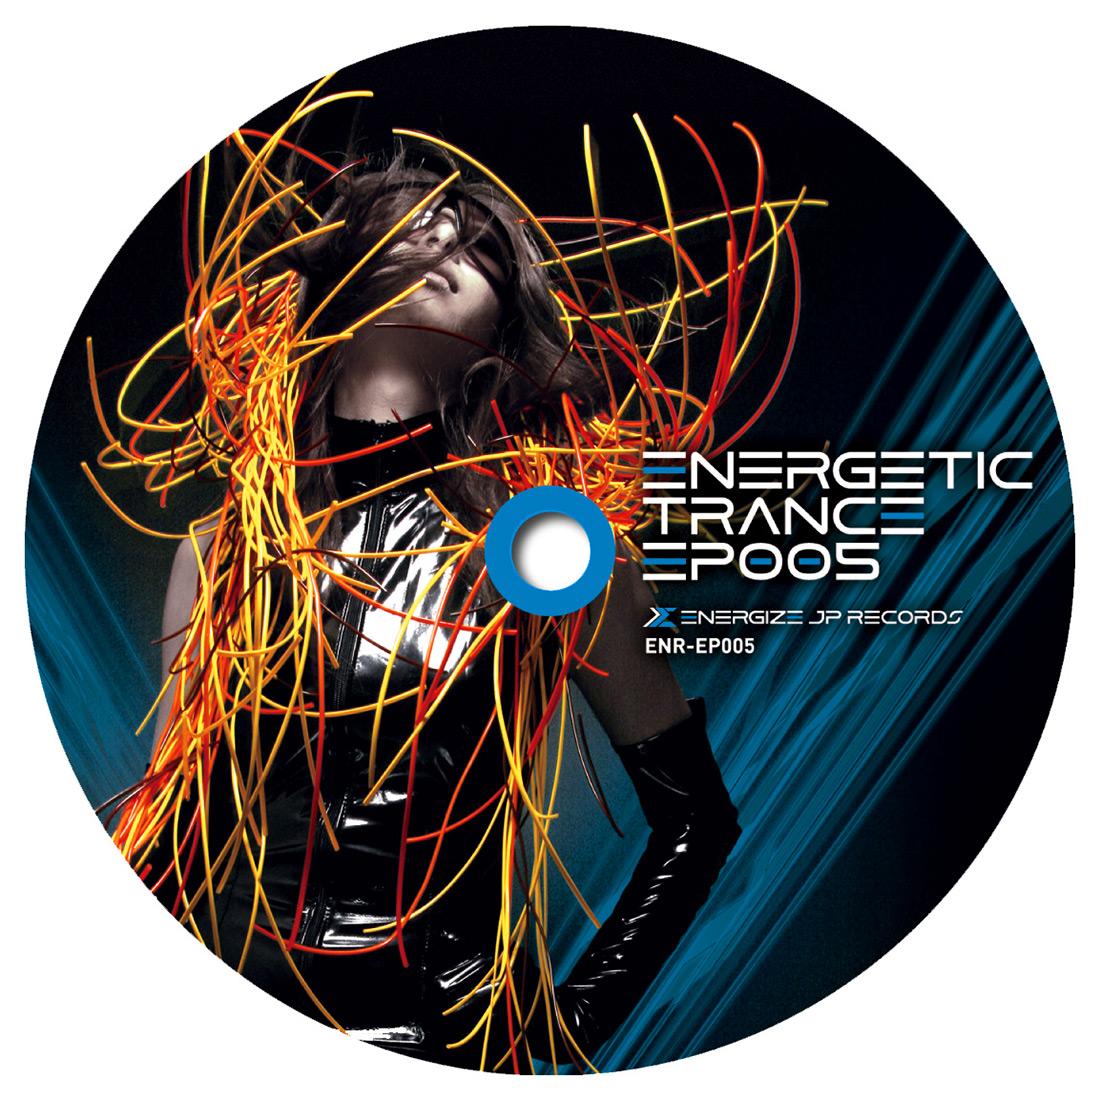 ENERGETIC TRANCE EP005